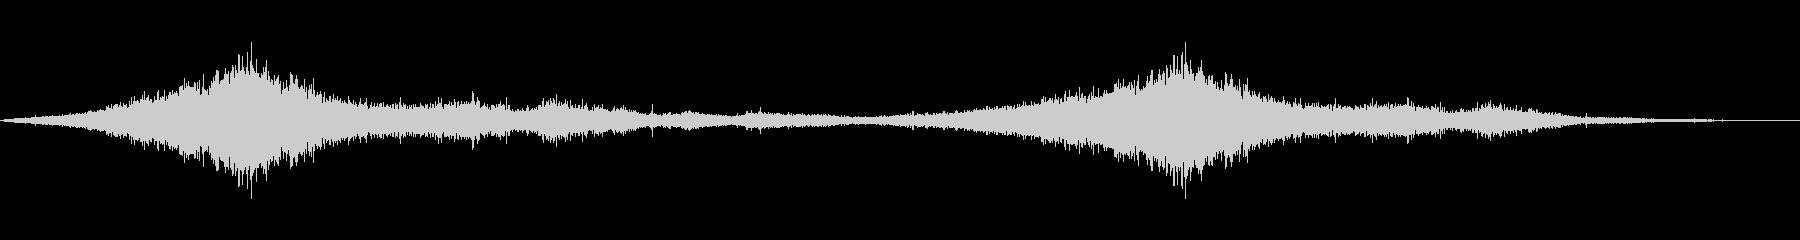 穏やかに流れる海の波の音の未再生の波形